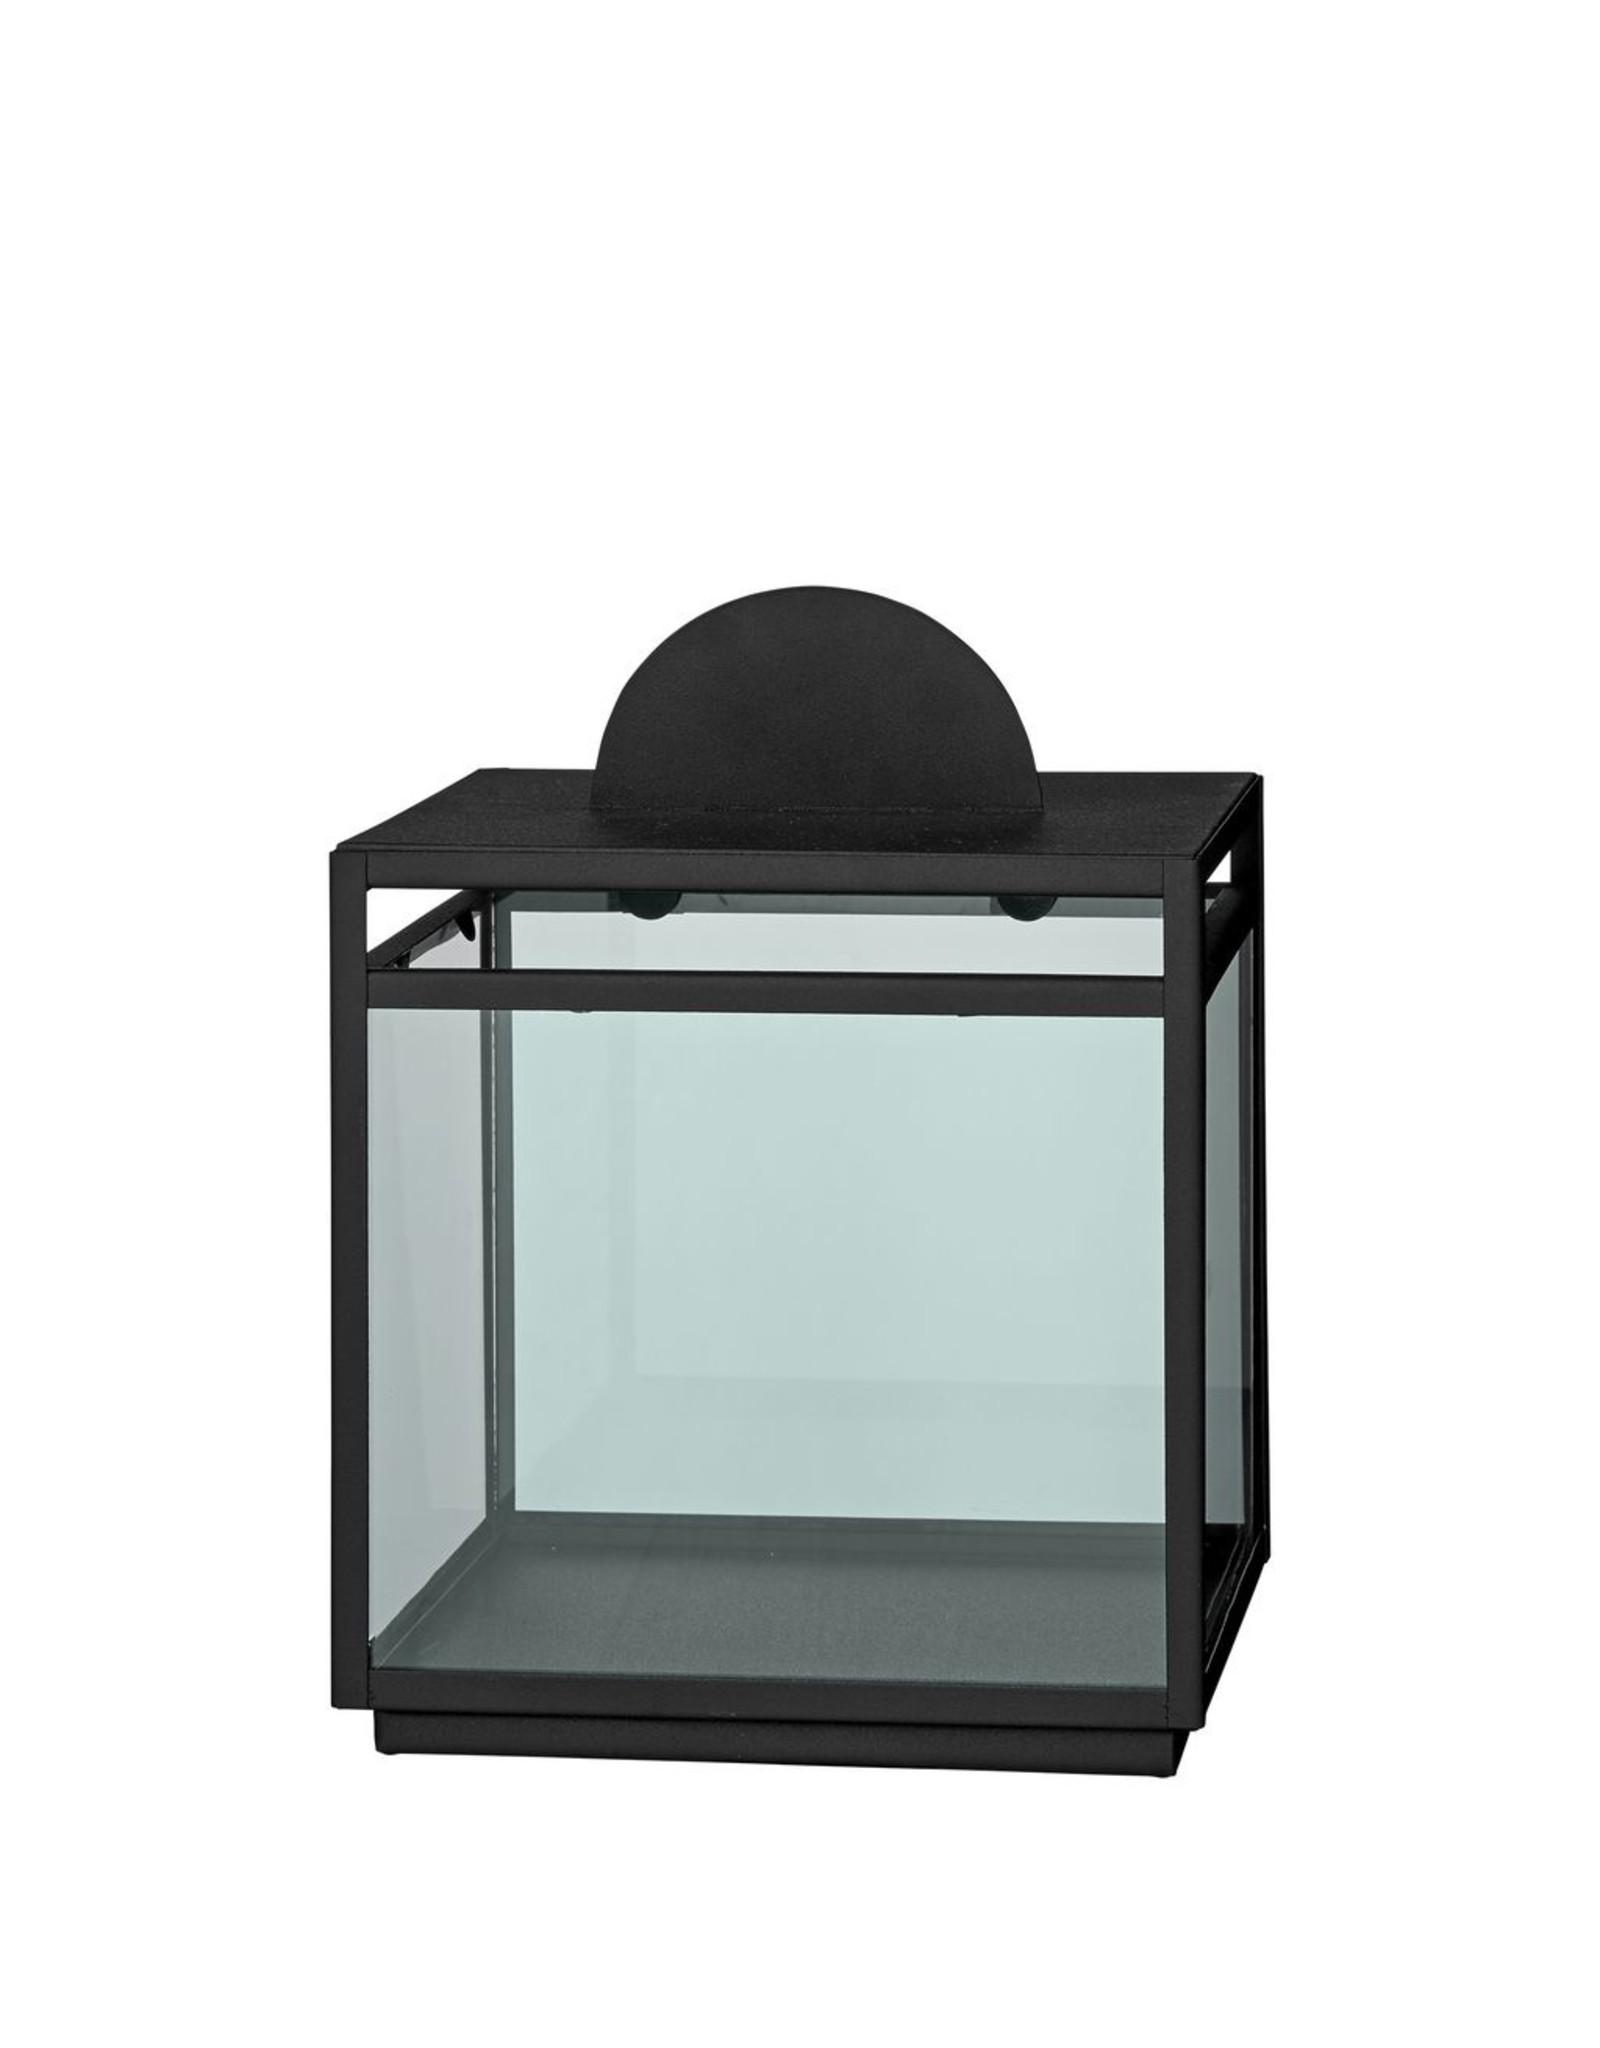 AYTM TURRIS LANTERN  IRON/GLASS